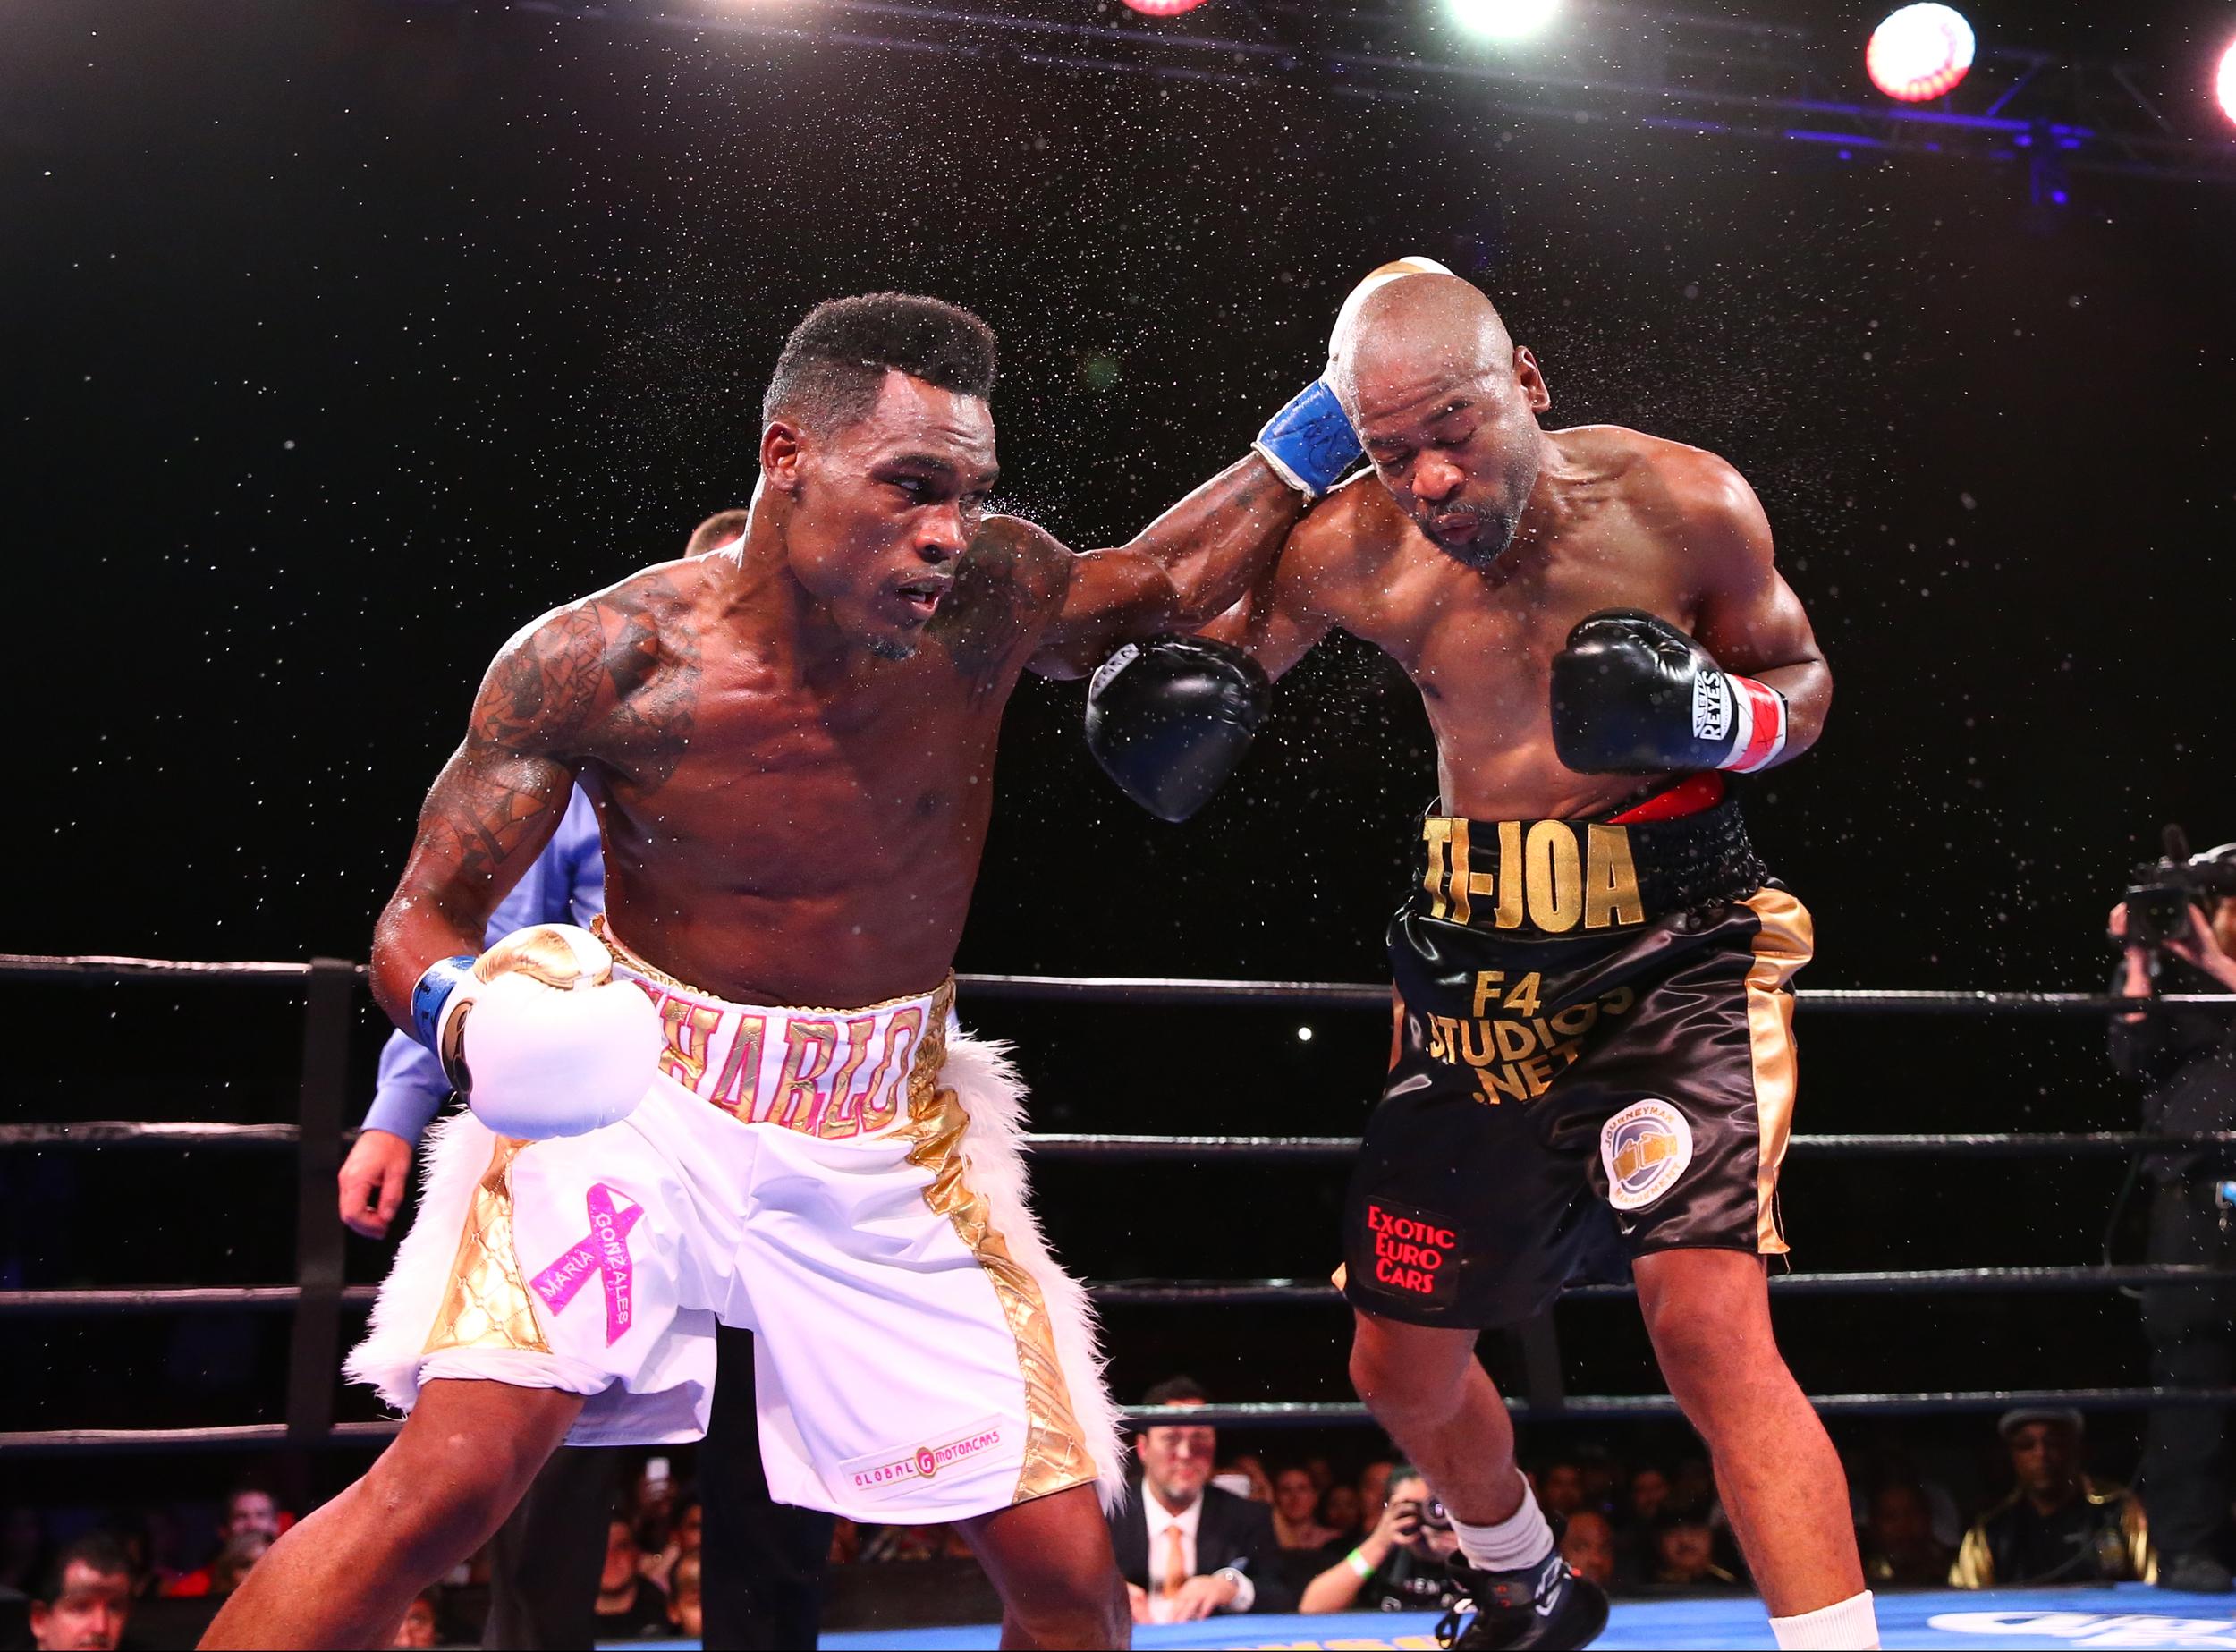 SASP- 20151031 - PBC Boxing - 2325 - 5243.JPG